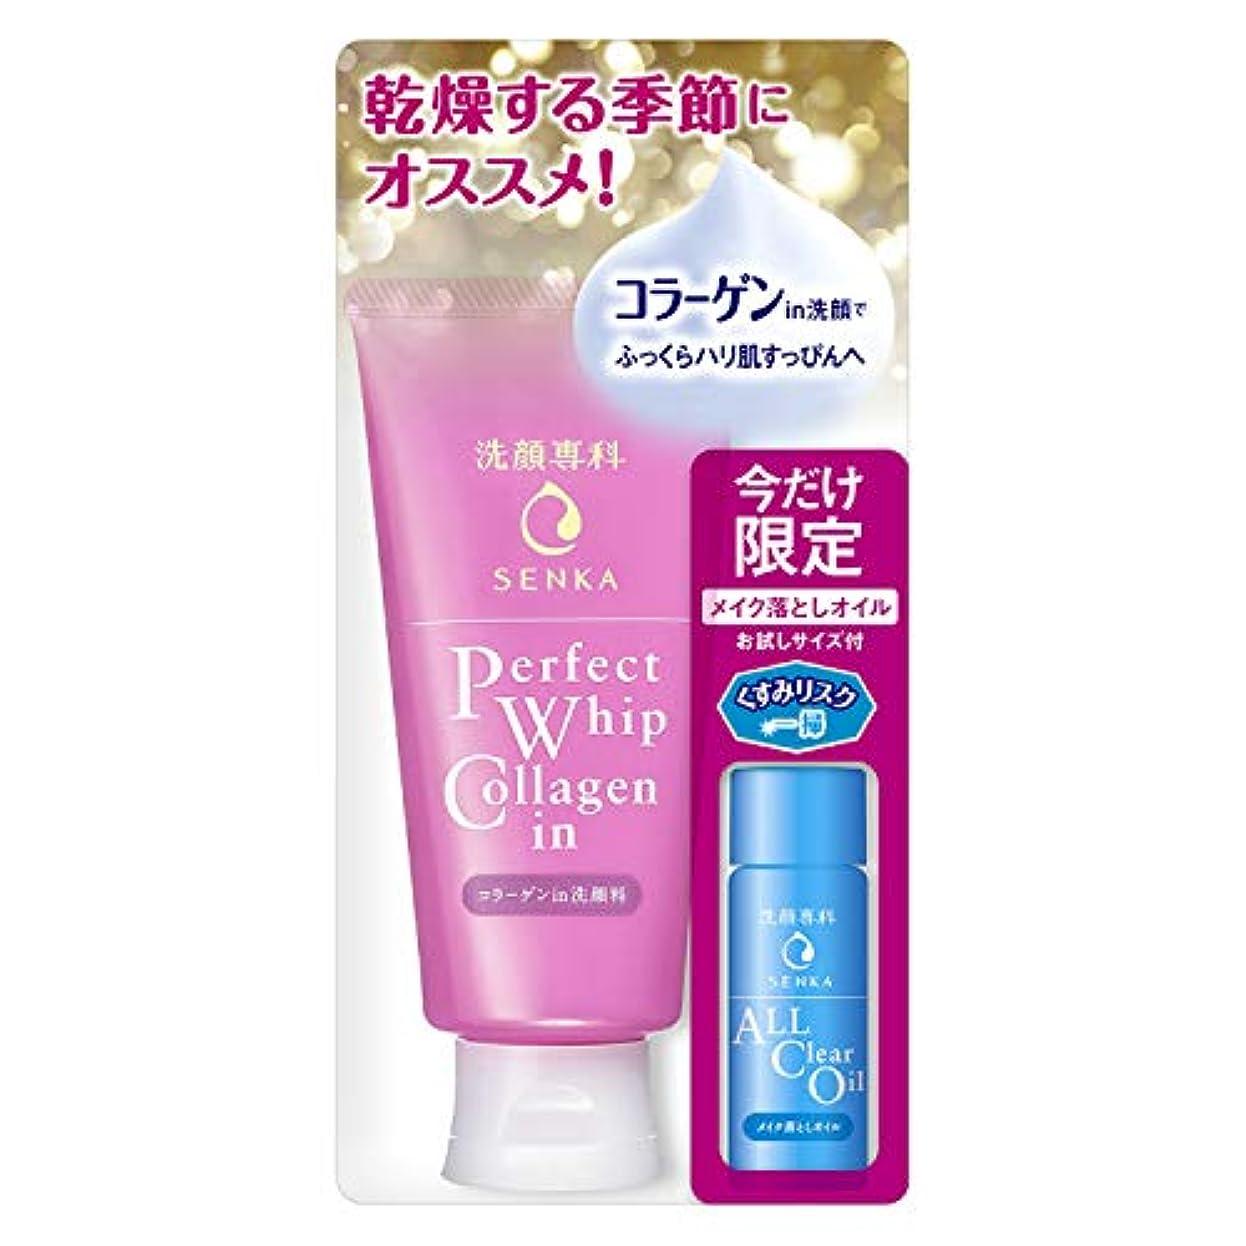 干し草叫び声モール洗顔専科 パーフェクトホイップ コラーゲンin オールクリアオイル特製サイズ付き